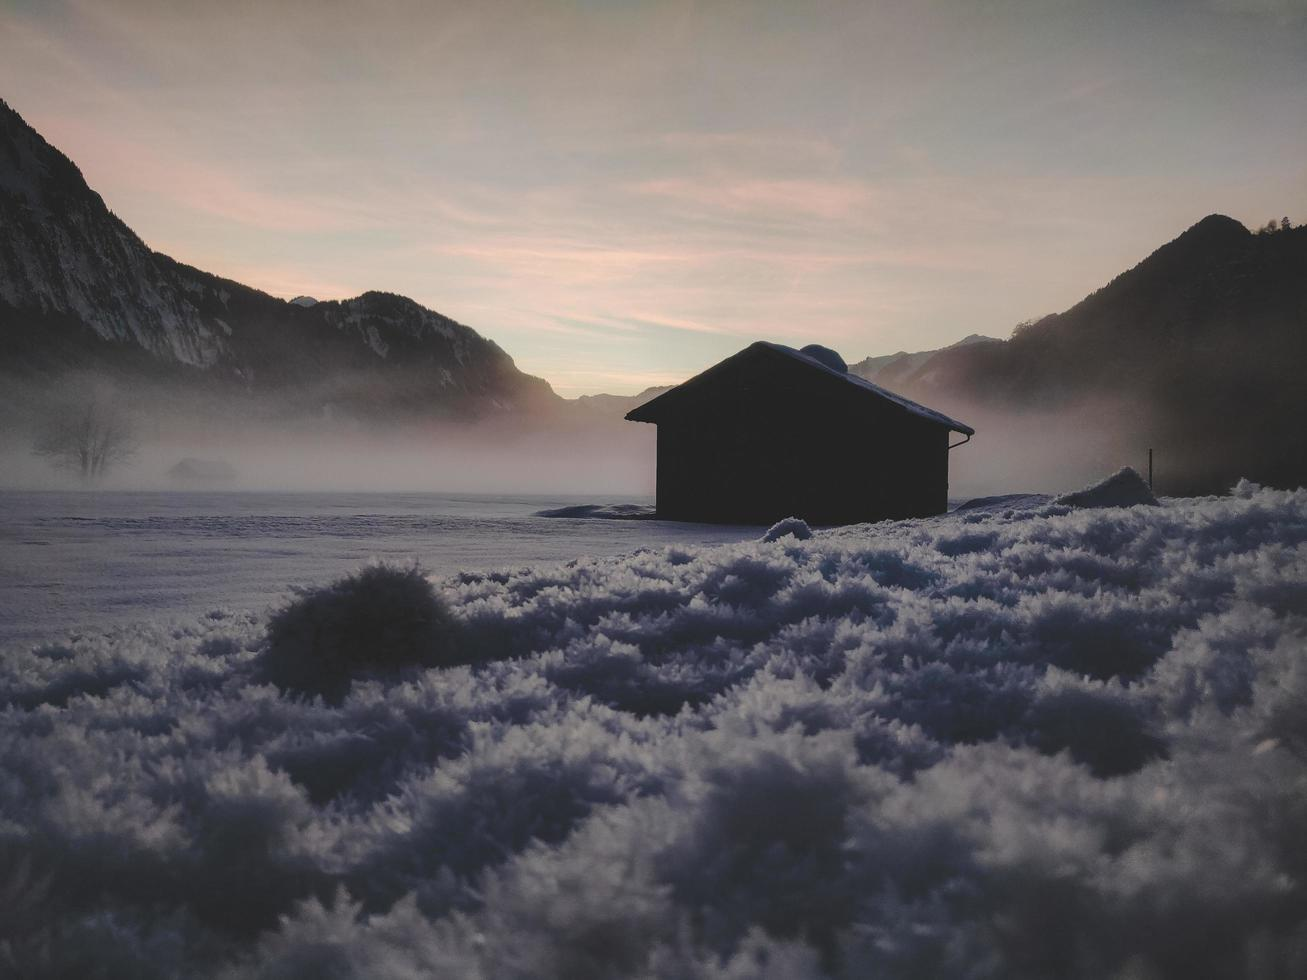 Silhouette des Hauses in der Nähe von Bergen foto